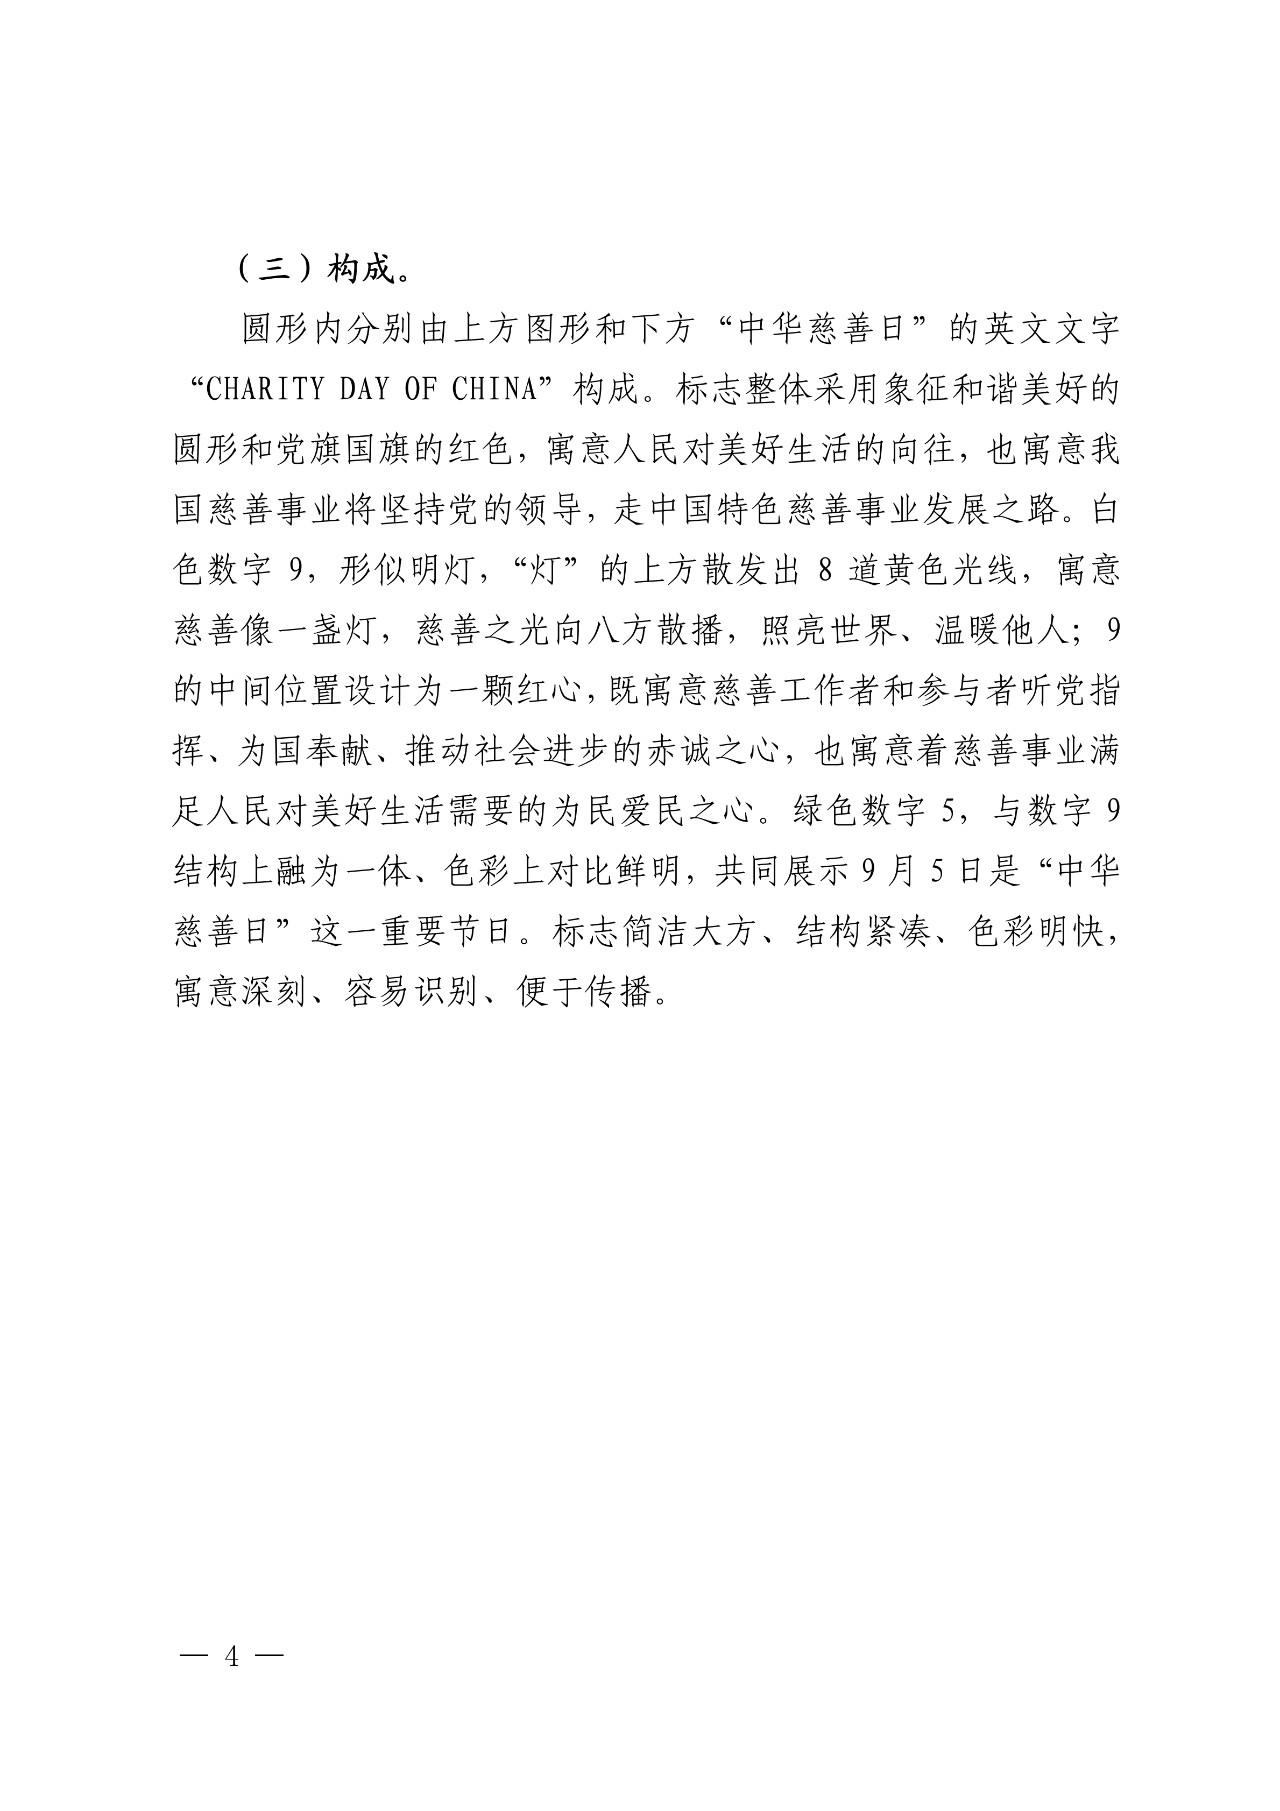 """#晨报#关于对中华人民共和国民政部""""中华慈善日""""官方标志登记备案的公告;知产法院在一起发明专利侵权案中对滴滴共享单车进行证据保全"""